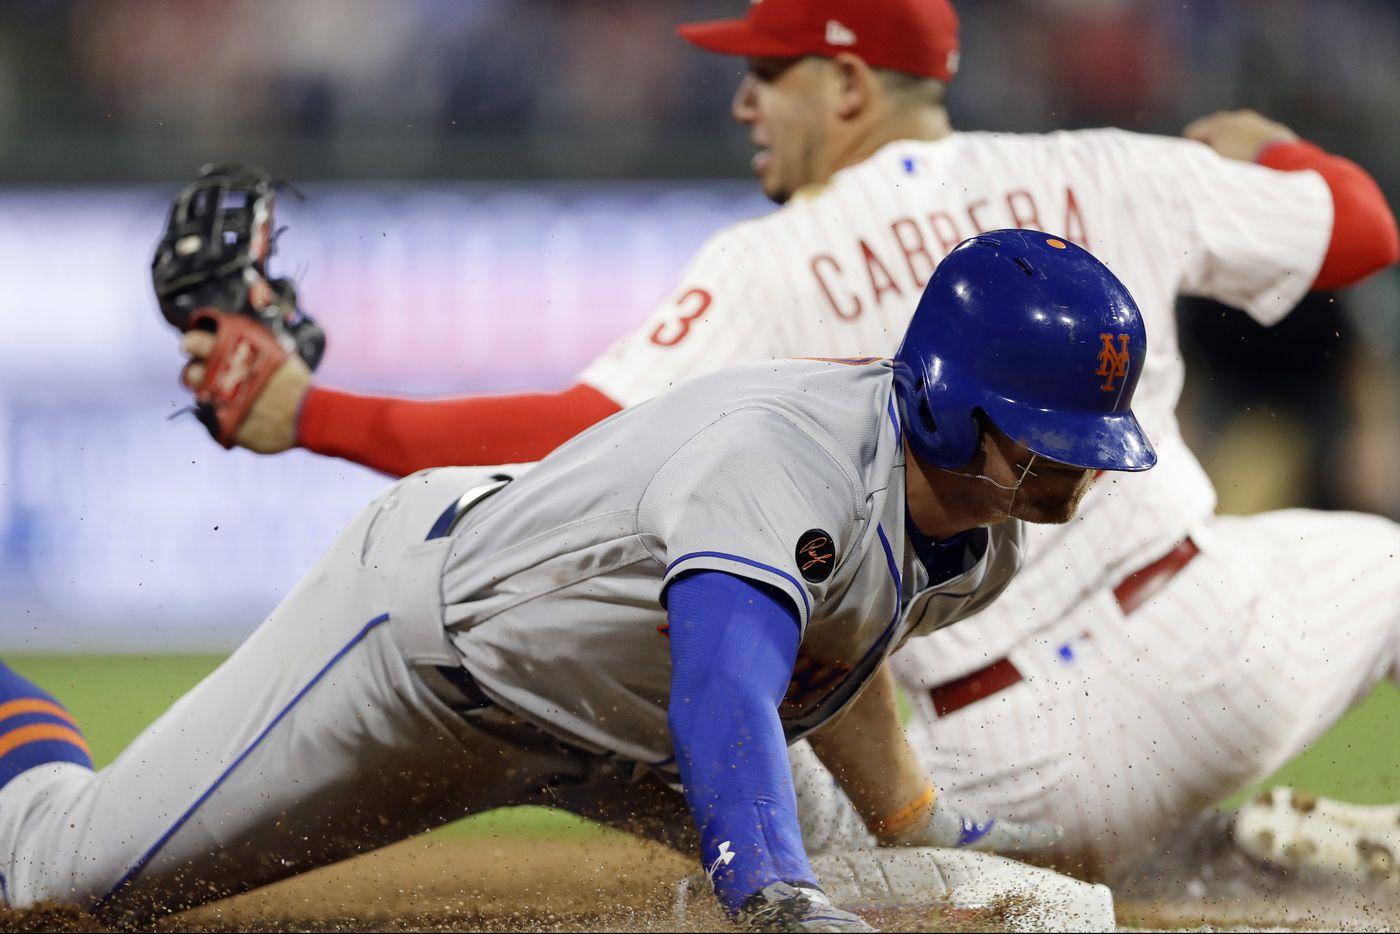 Asdrubal Cabrera injured in Phils' loss to Mets | Extra Innings